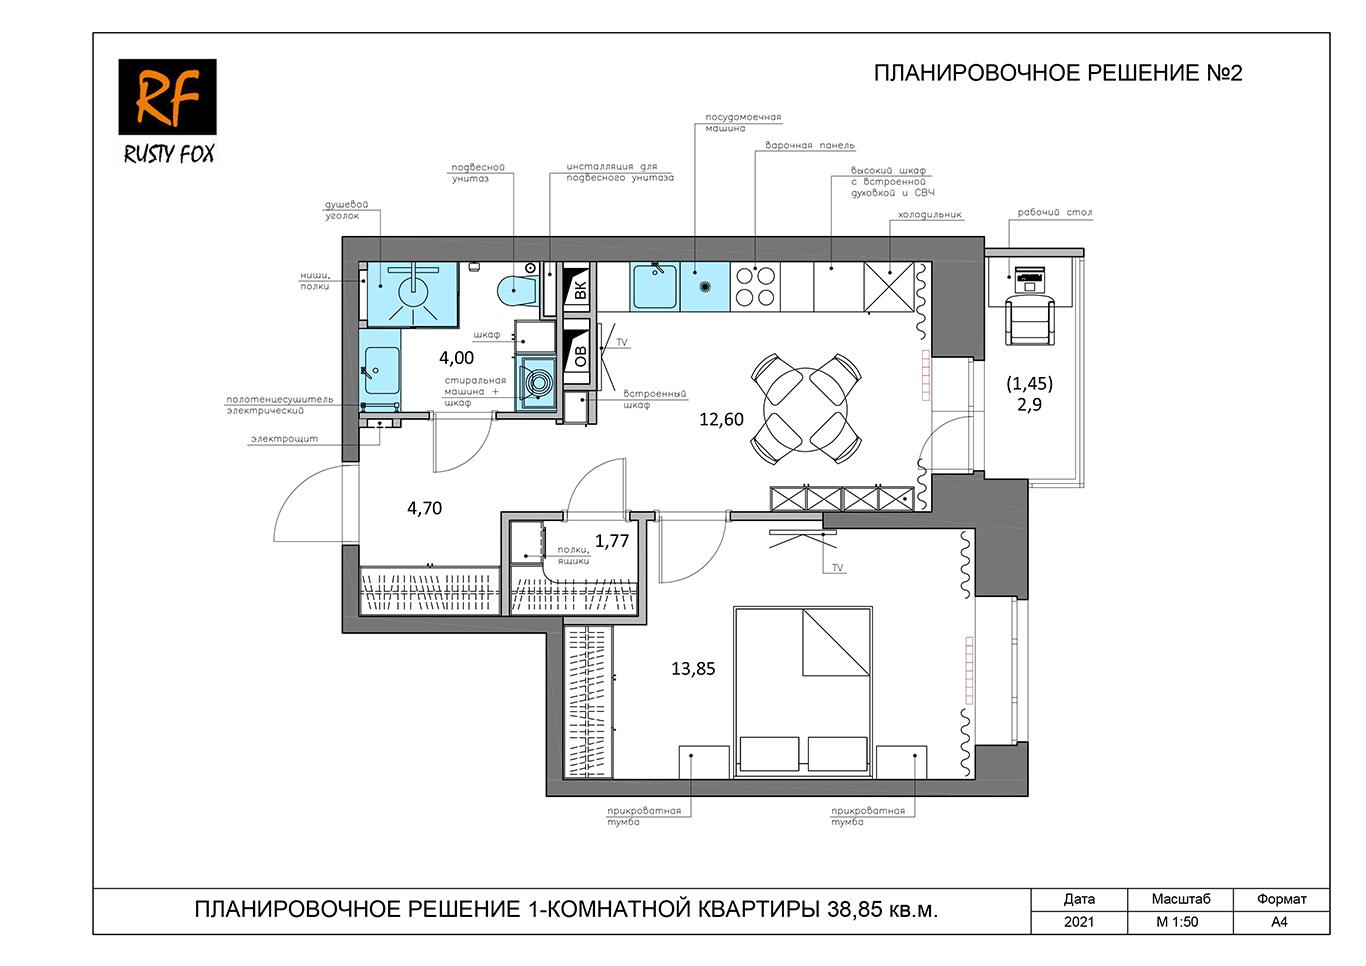 ЖК Люберцы корпус 54. 1-комнатная квартира правая 38,85 кв.м. Планировочное решение №2